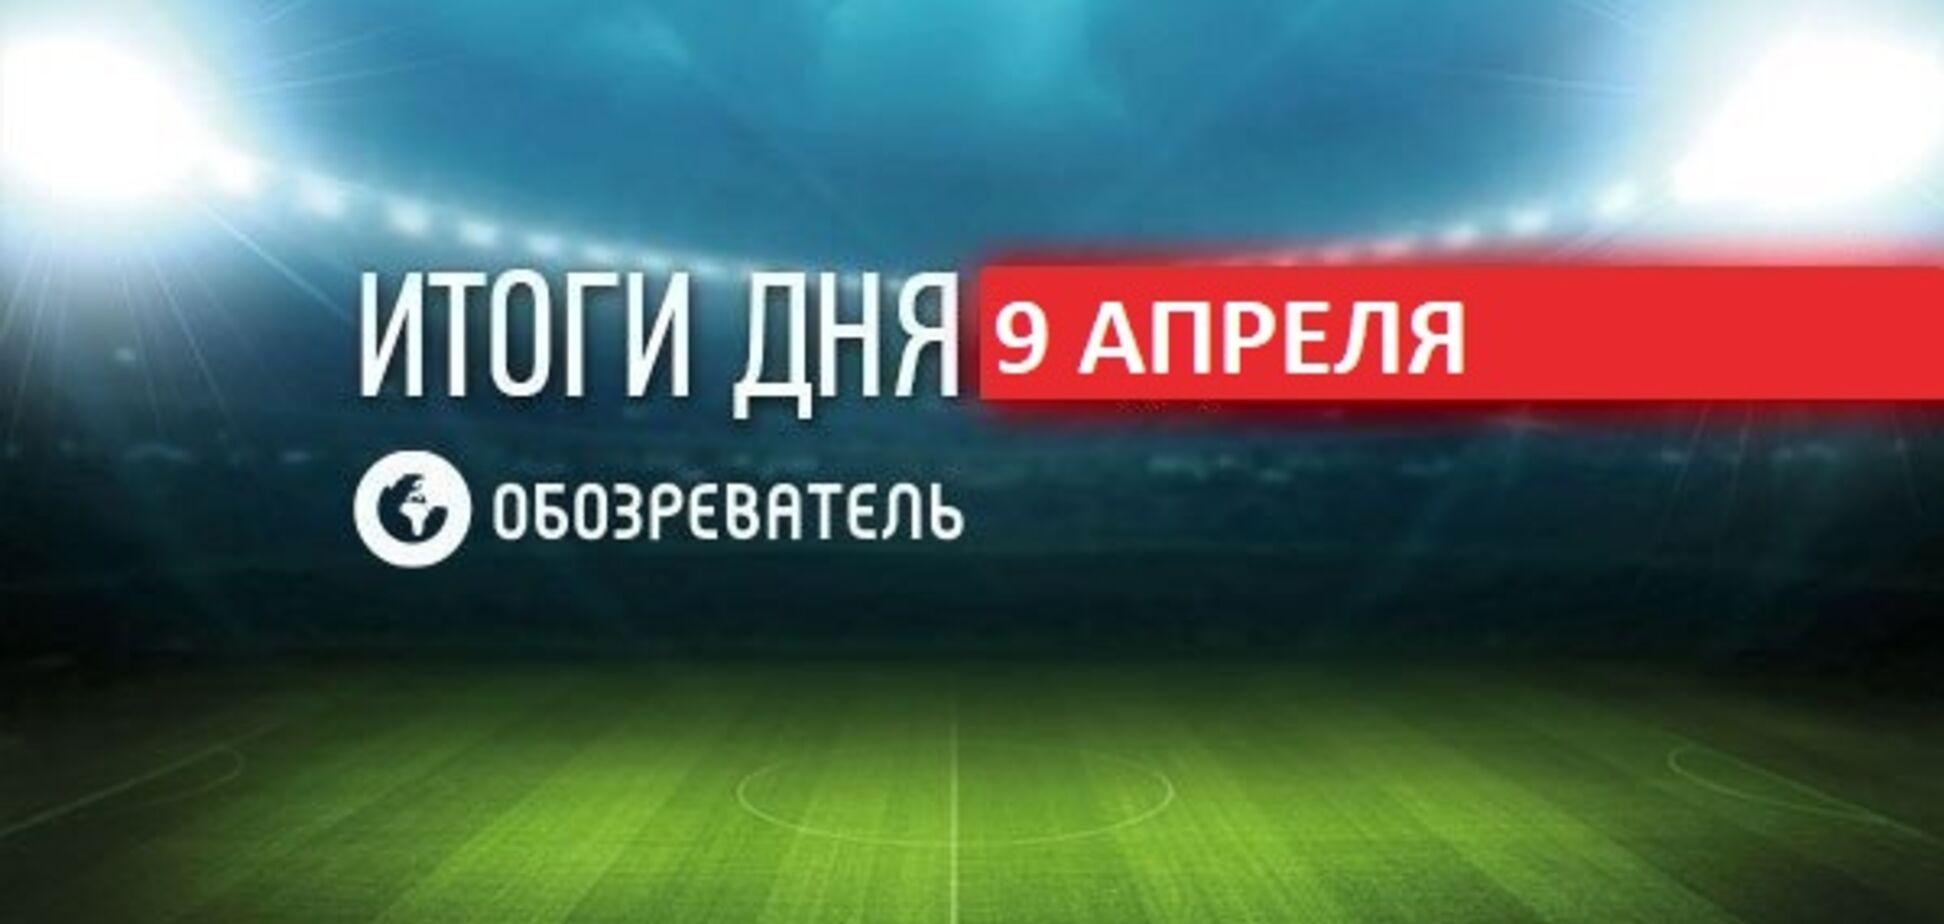 Усик раскритиковал декоммунизацию и оправдал россиян: итоги спорта 9 апреля